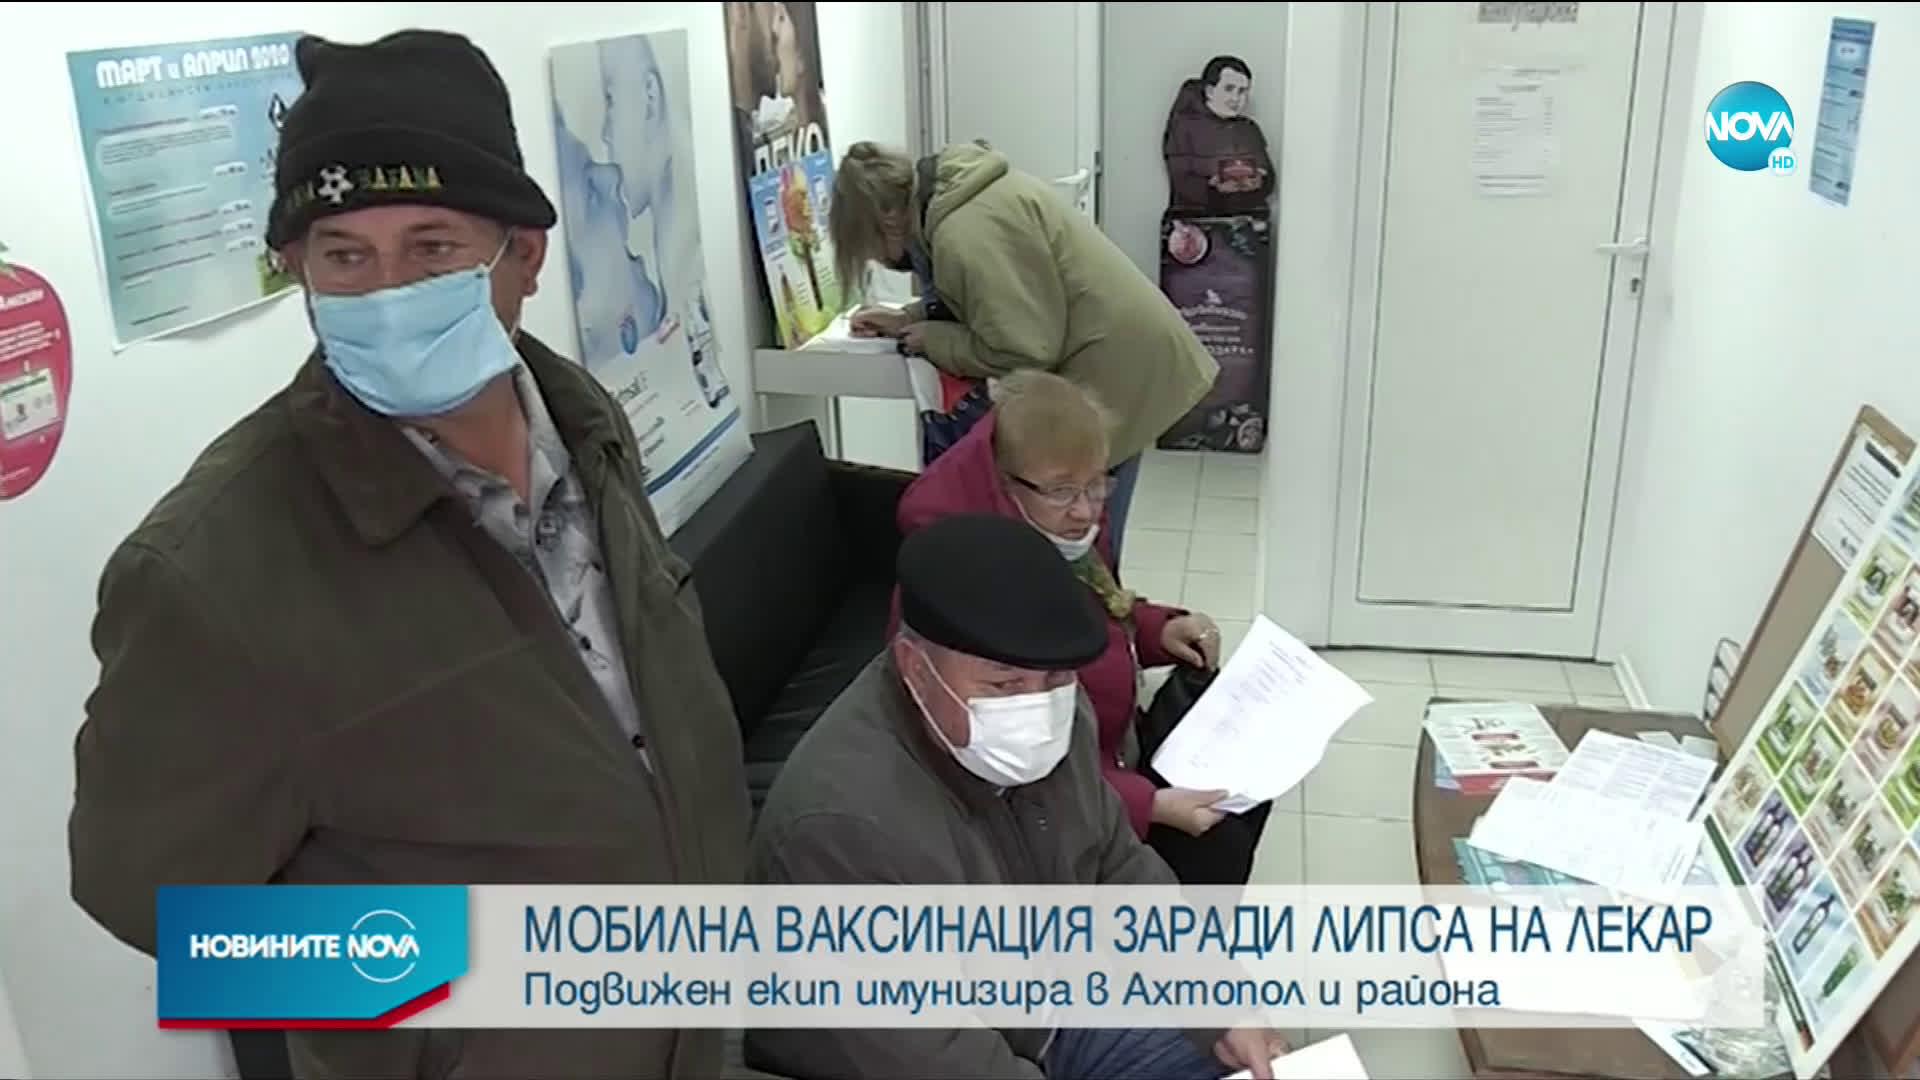 Подвижни екипи имунизира в Ахтопол и района